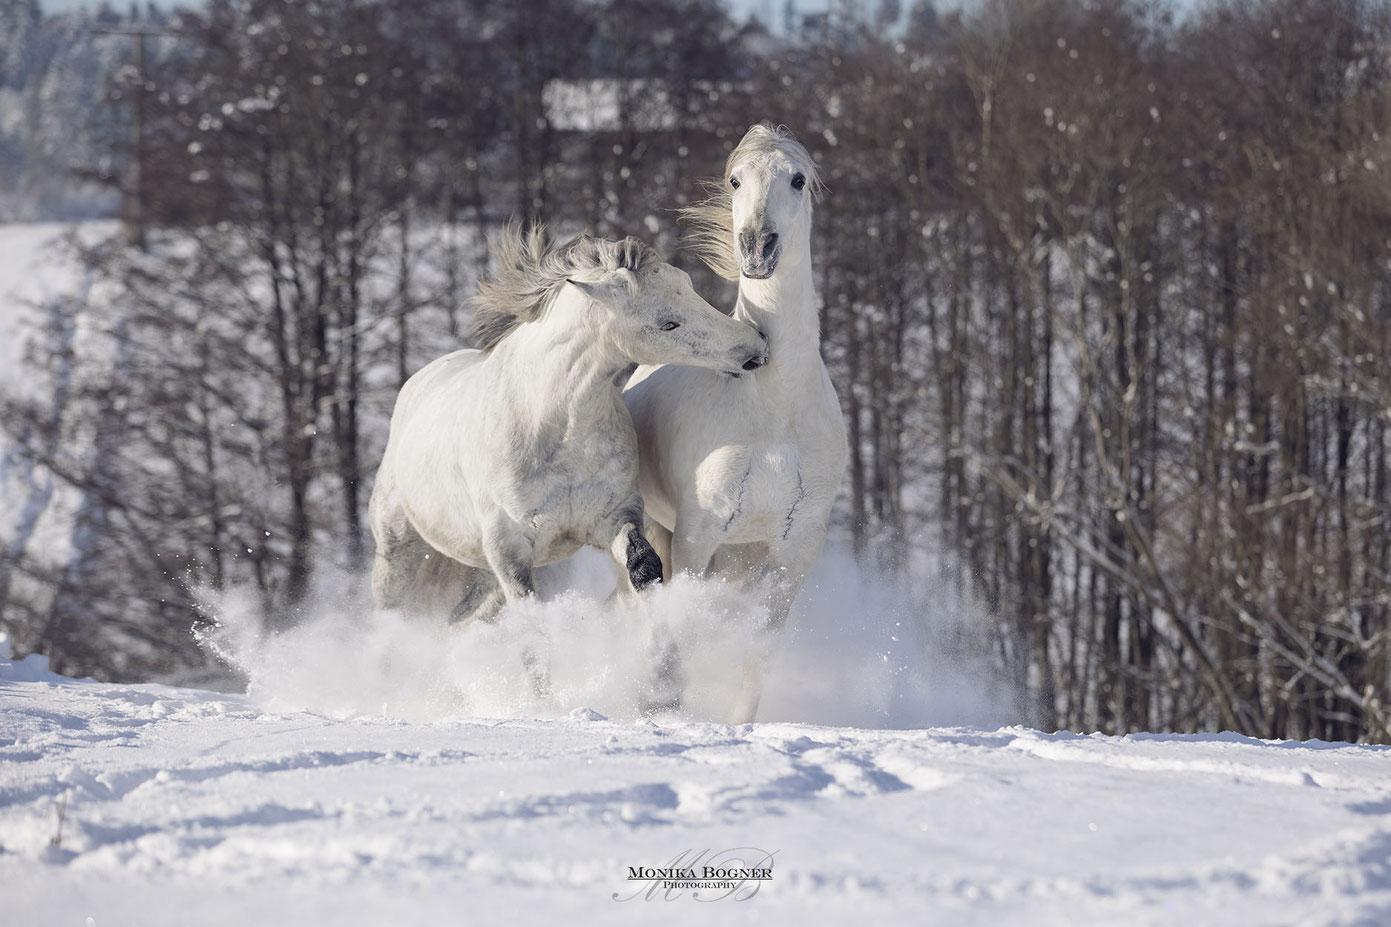 spielende Spanische Pferde im Schnee, PRE beim Fotoshooting mit Pferd